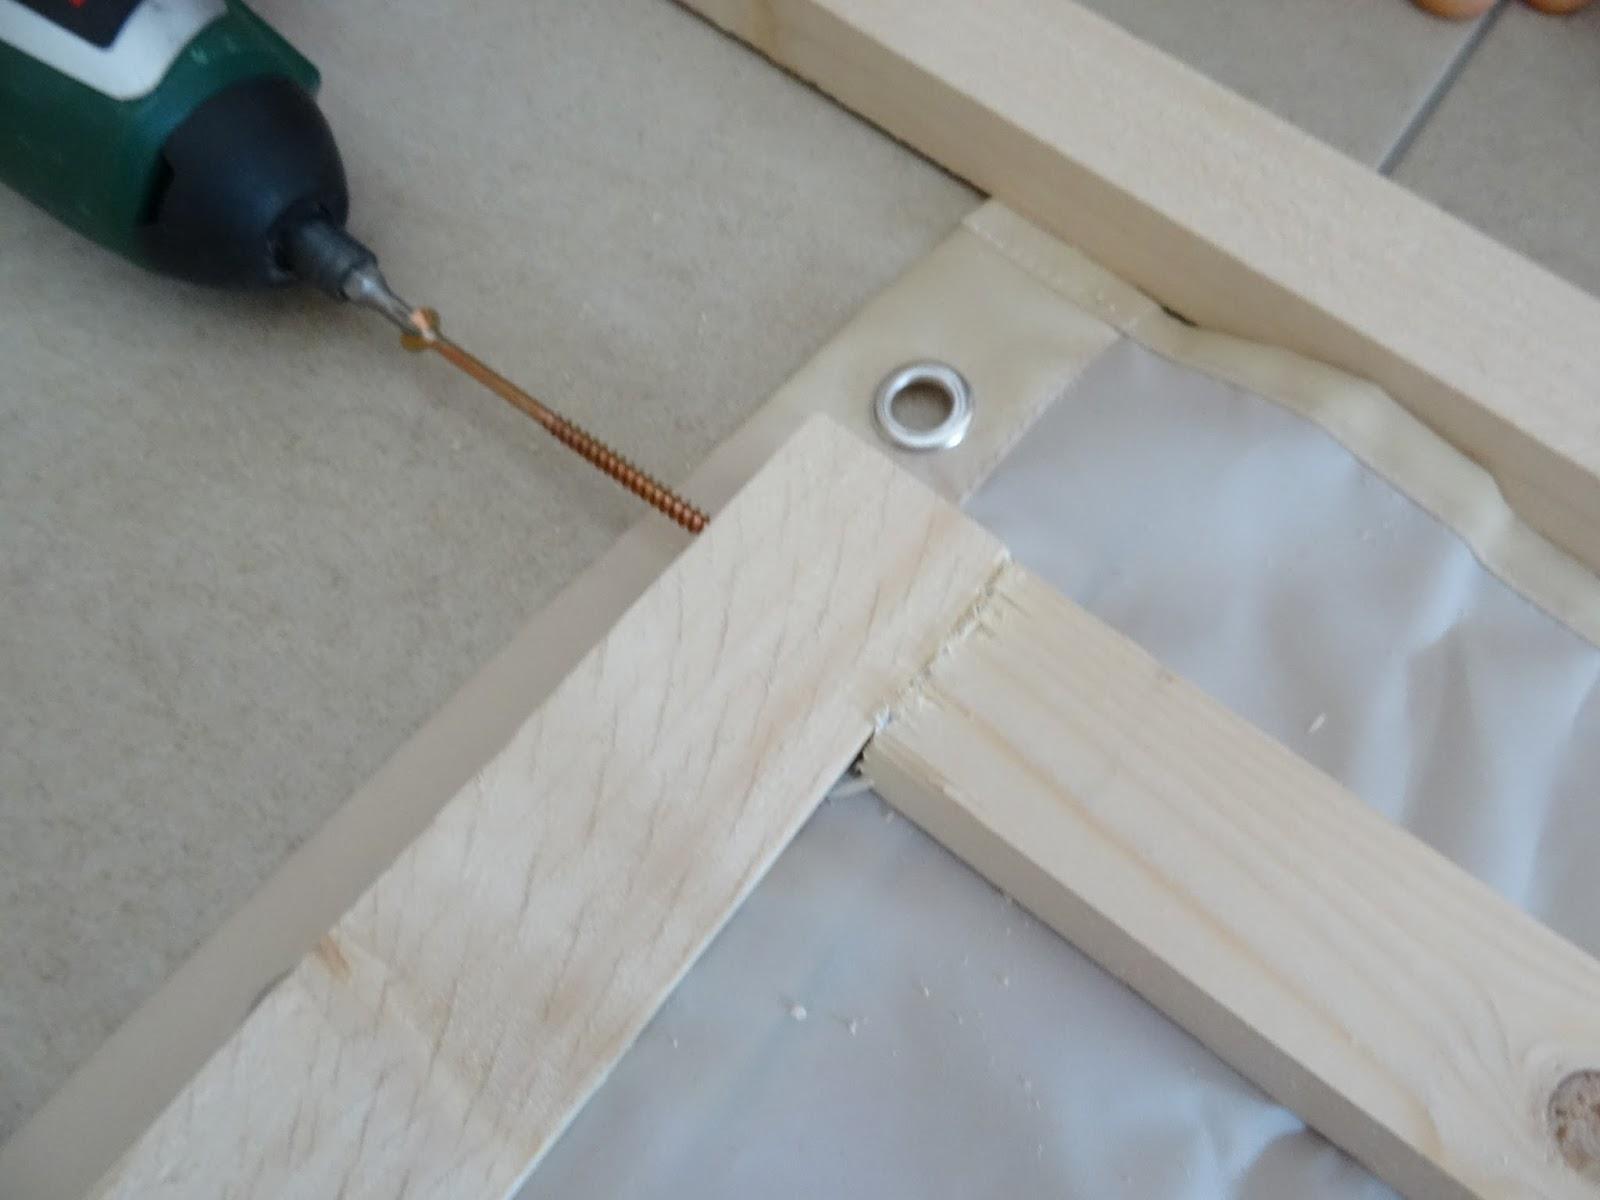 Alternative Duschvorhang wohnzimmerz alternative duschvorhang with duschvorhang â